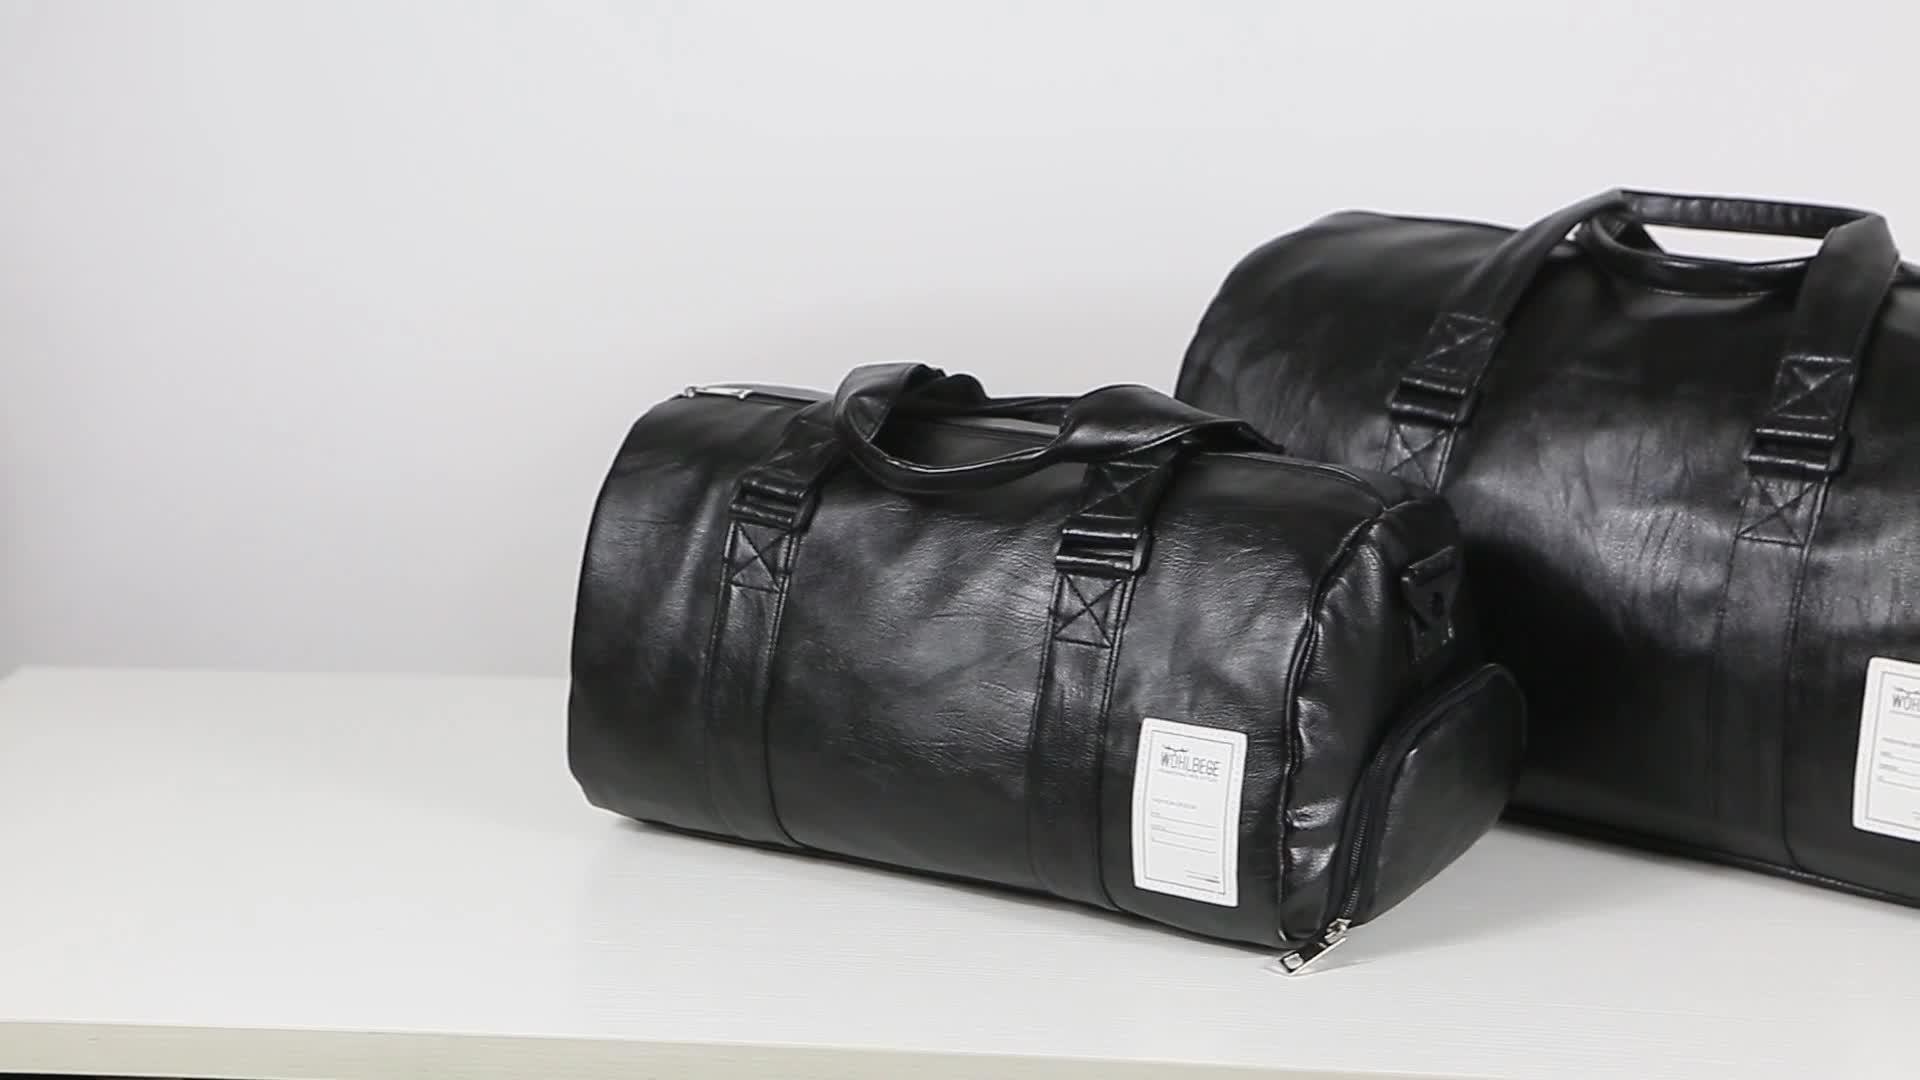 WOHLBEGE للماء حقيبة كتفية للسفر رجالي الجلود حقيبة رياضية مع الحذاء المقصورة